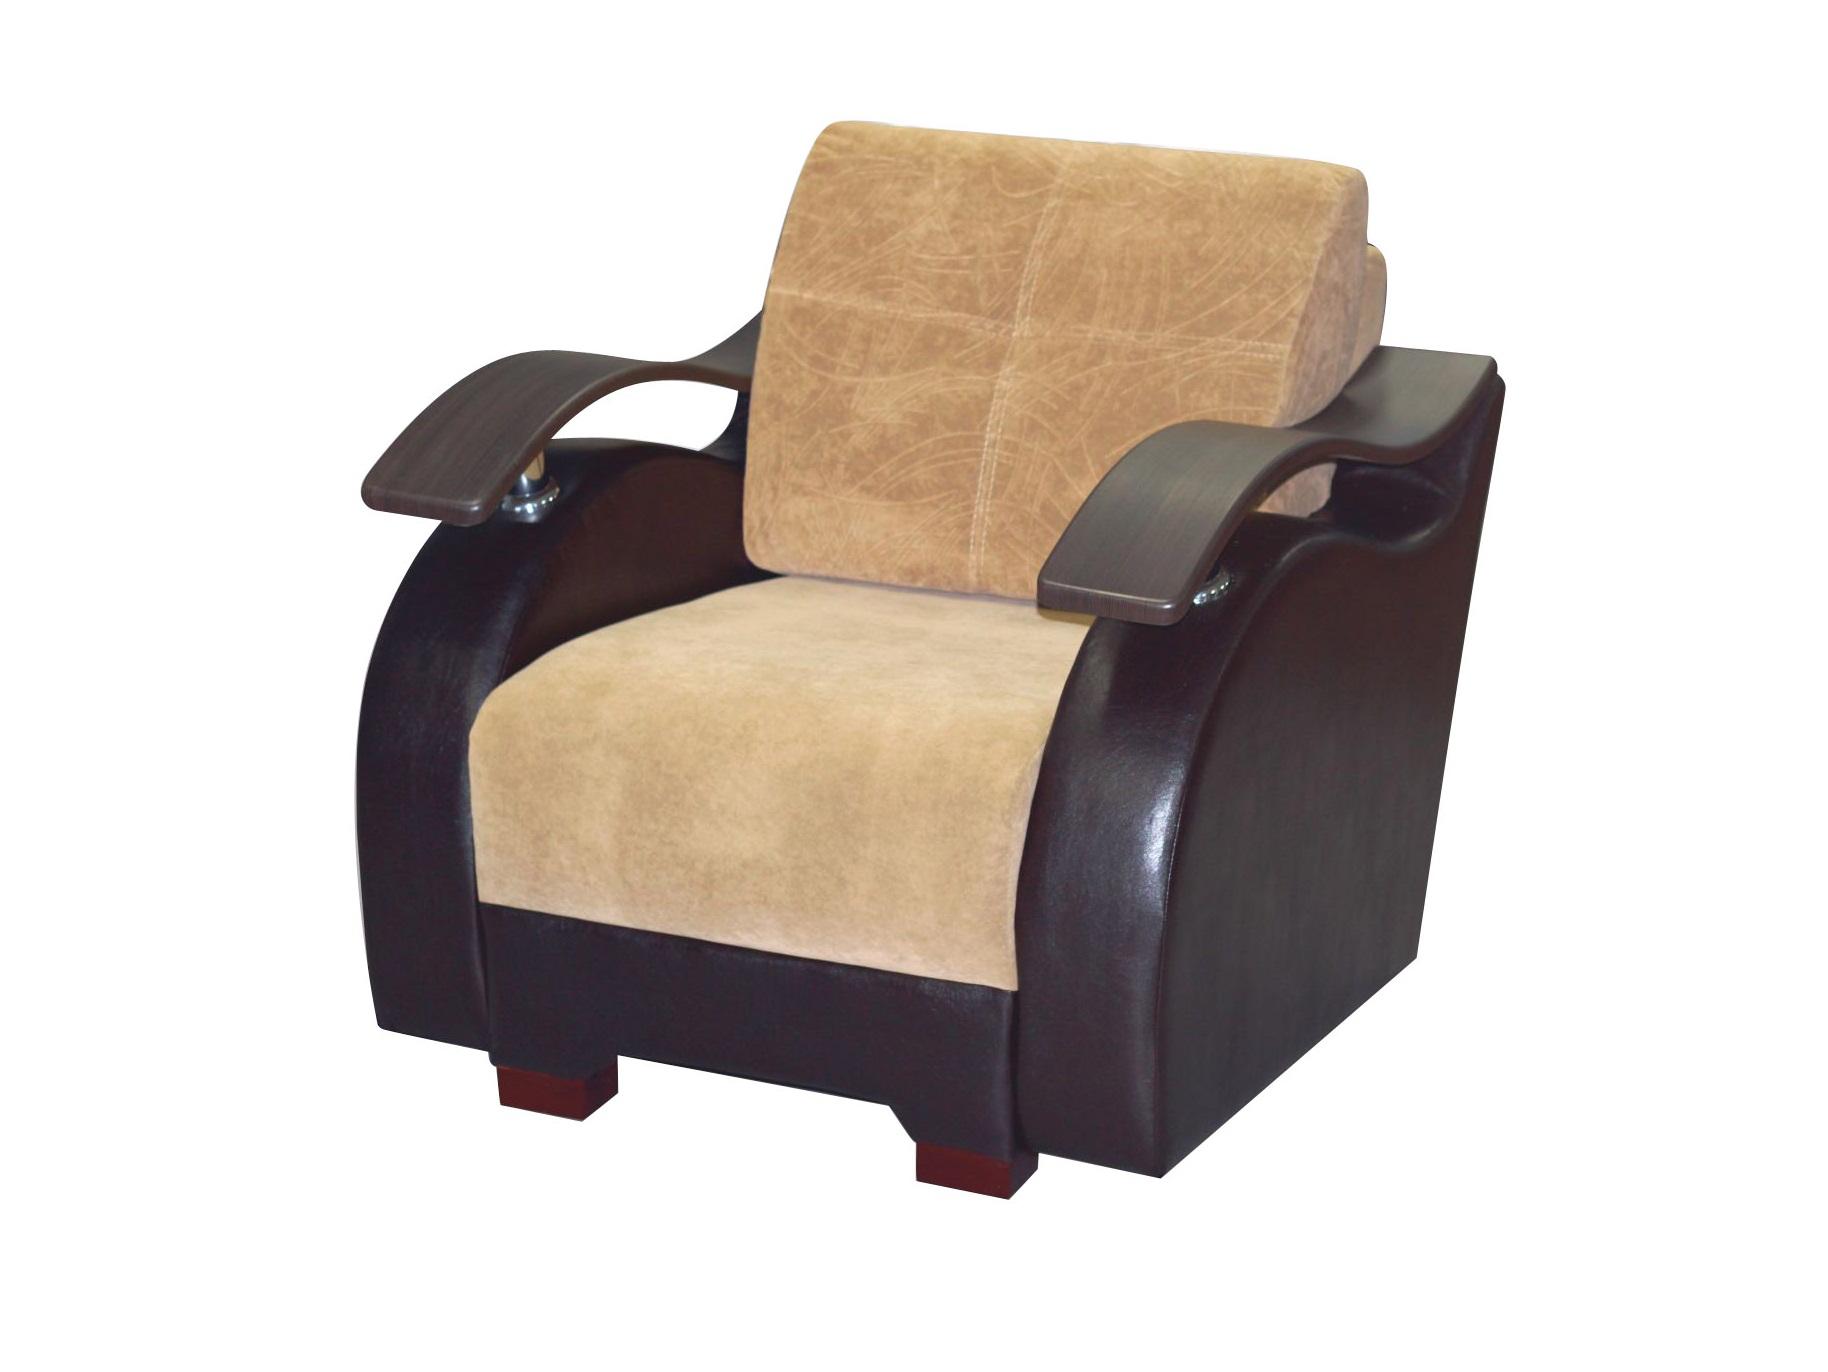 Кресло для отдыха БратиславаКресла для отдыха<br>Размер: 90х95 В90<br><br>Механизм: Нераскладной<br>Материалы: Брус хвойных пород, мебельная фанера<br>Каркас: Деревянный<br>Полный размер (ДхГхВ): 90х95х90<br>Ширина сиденья (см): 60<br>Наполнитель: Пружинная Змейка, ППУ высокой плотности<br>Вид ножек: Деревянные<br>Примечание: Стоимость указана по минимальной категории ткани<br>Изготовление и доставка: 3-7 дней<br>Условия доставки: Бесплатная по Москве до подъезда<br>Условие оплаты: Оплата наличными при получении товара<br>Доставка по МО (за пределами МКАД): 40 руб./км<br>Подъем на грузовом лифте: 500 руб.<br>Подъем без лифта: 200 руб./этаж<br>Сборка: 300 руб. в день доставки, заказать сборку Вы можете, если у Вас оформлена услуга подъем/занос изделия в помещение<br>Гарантия: 12 месяцев<br>Производство: Россия<br>Производитель: Аккорд